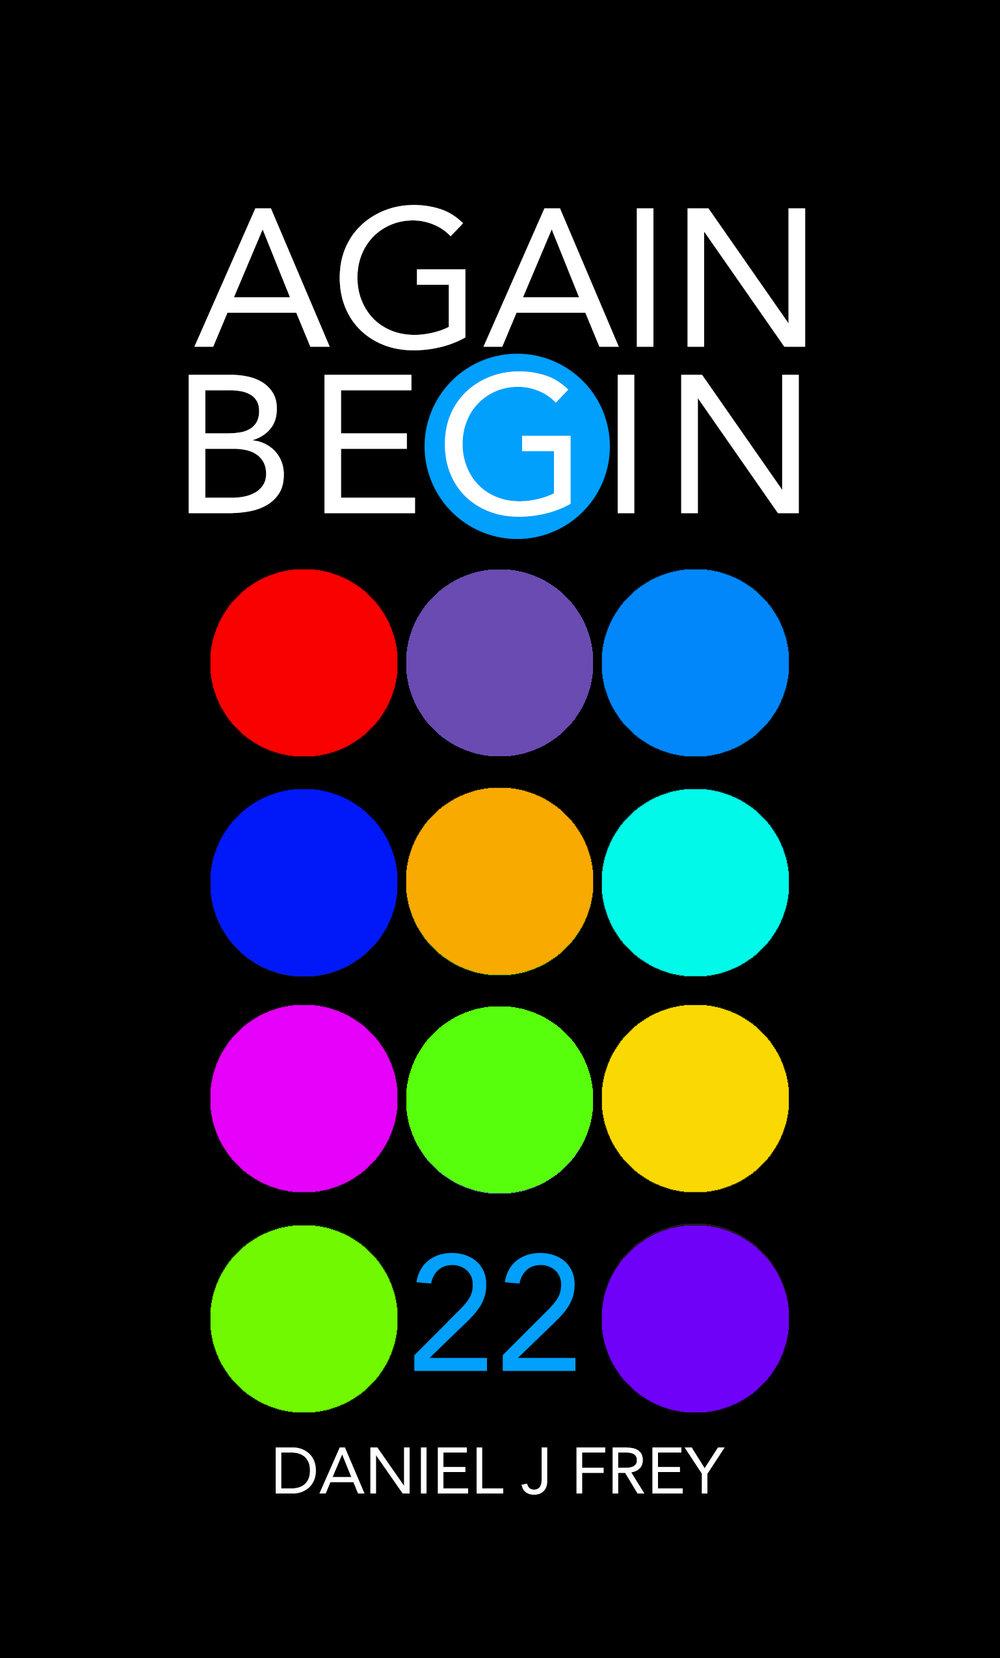 Again Begin 22 - Second Choices